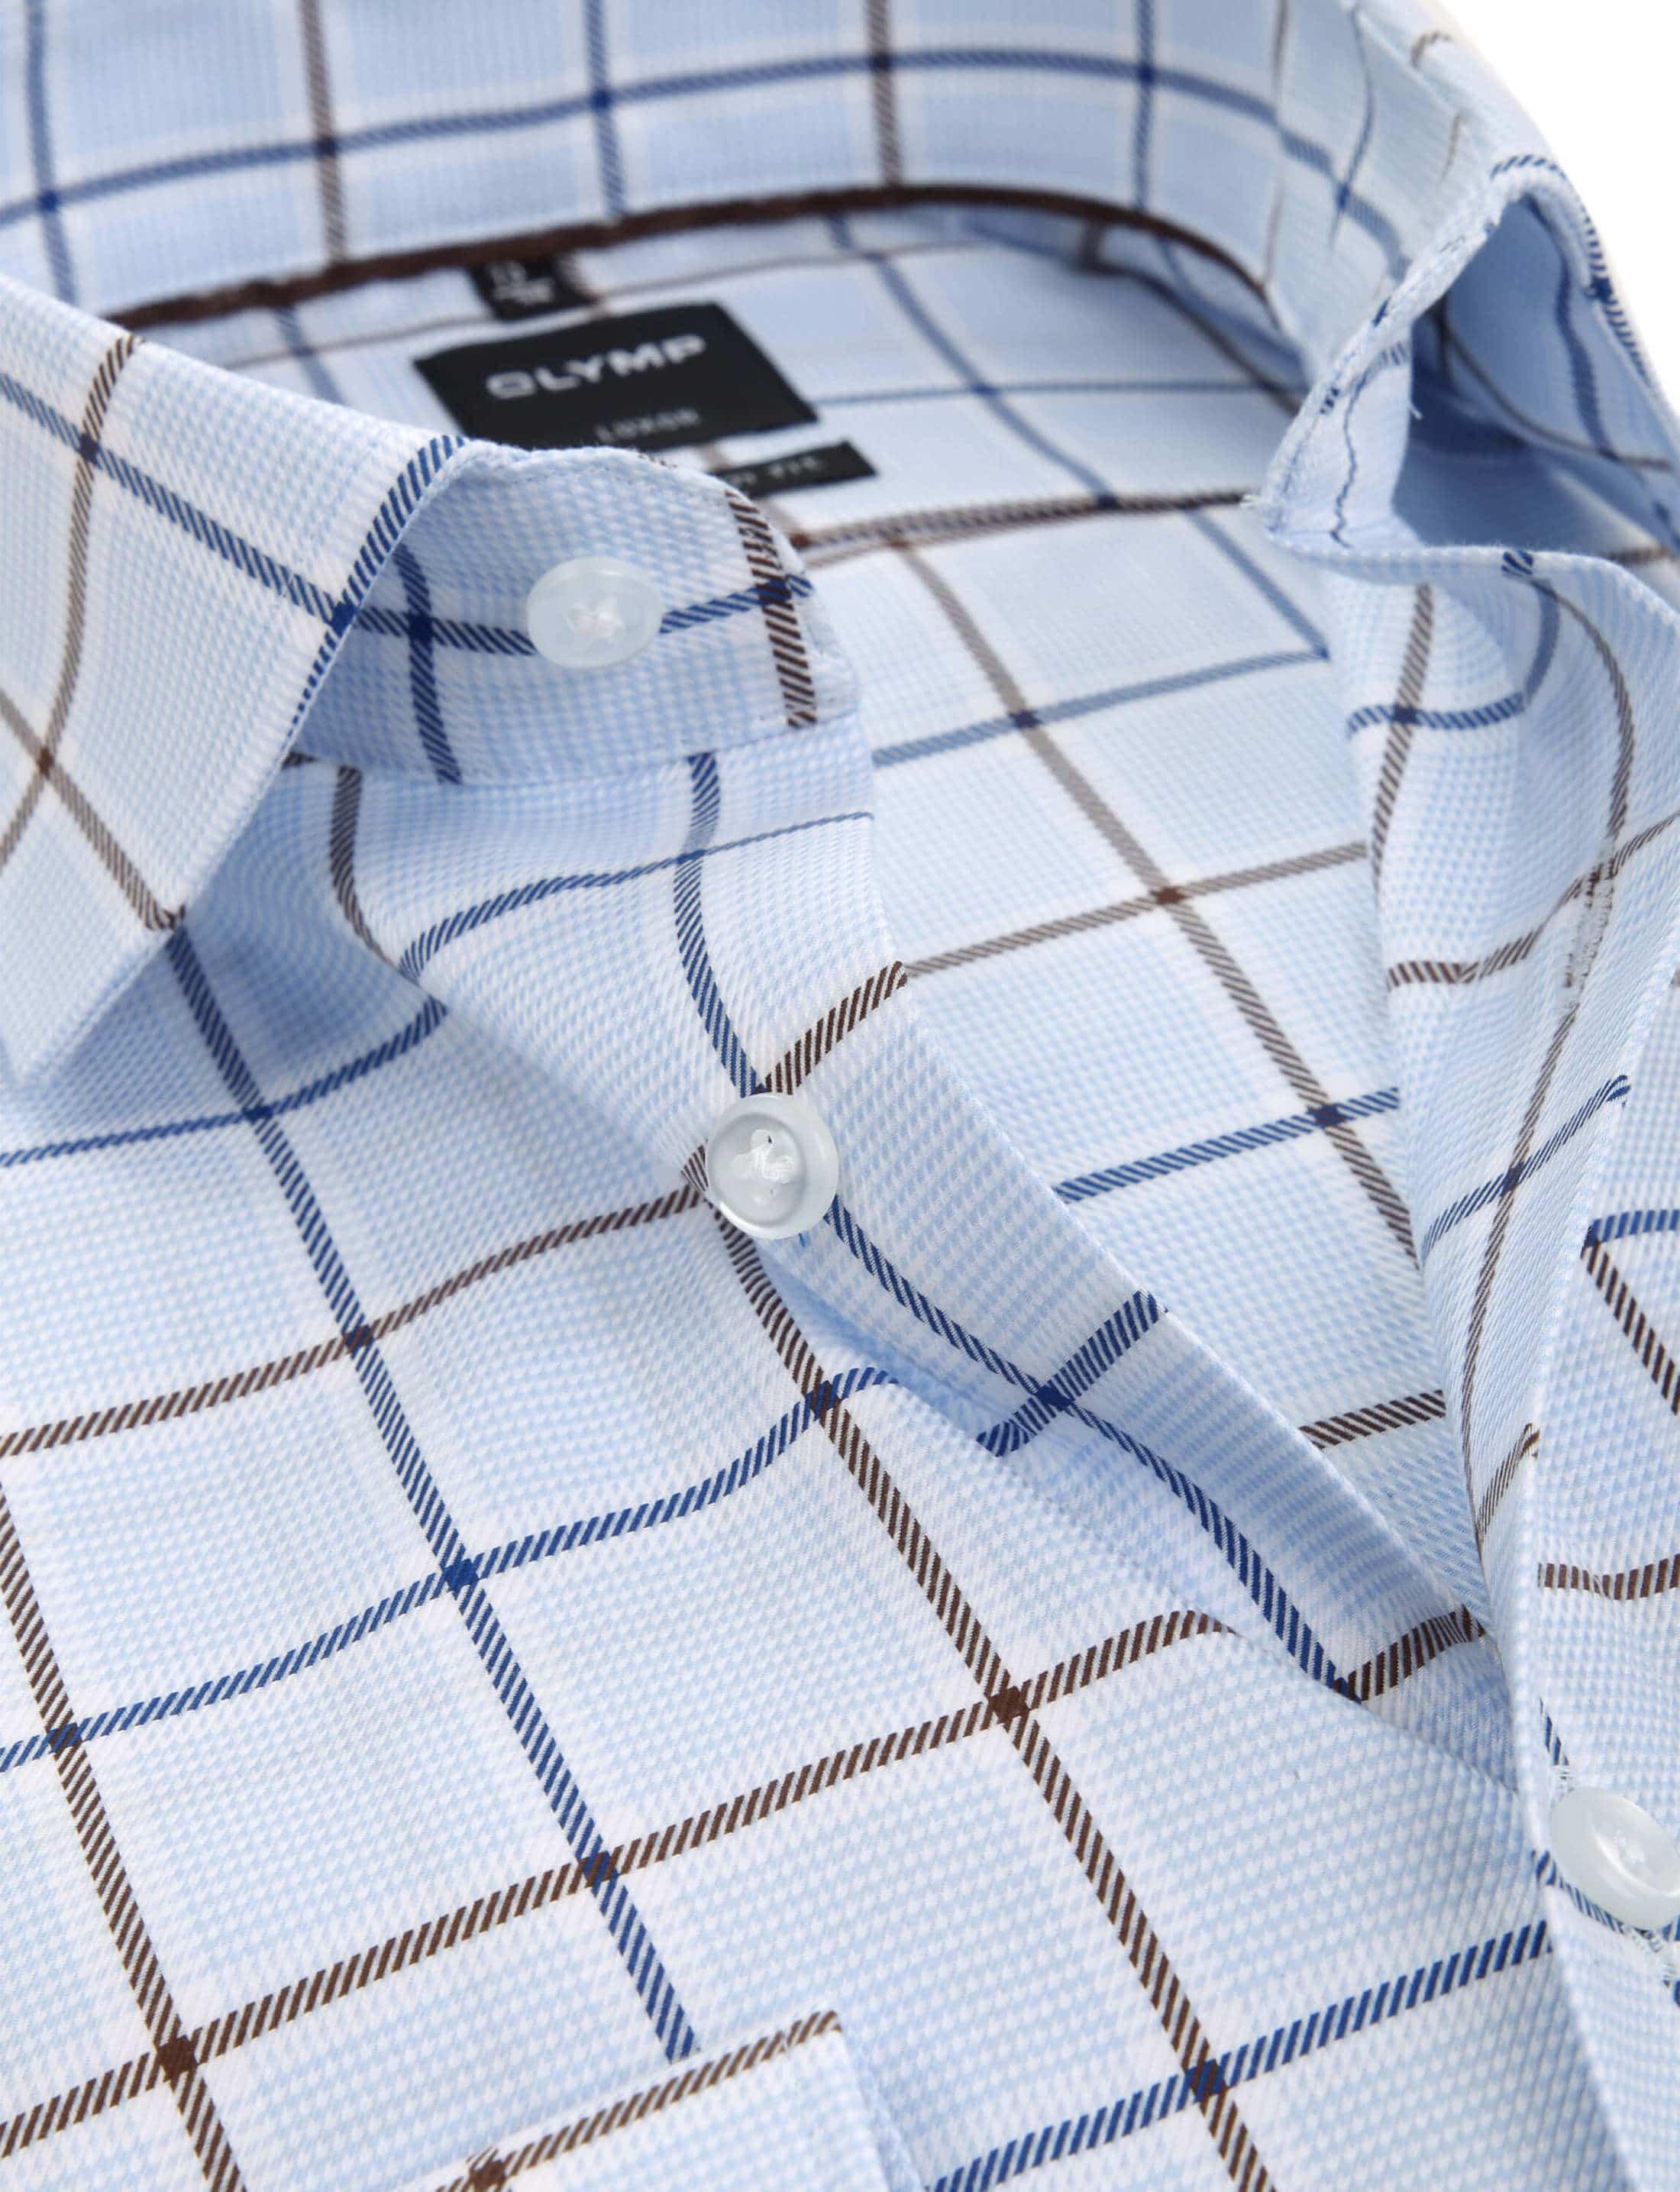 OLYMP Overhemd LuxorMF Ruit Lichtblauw foto 1